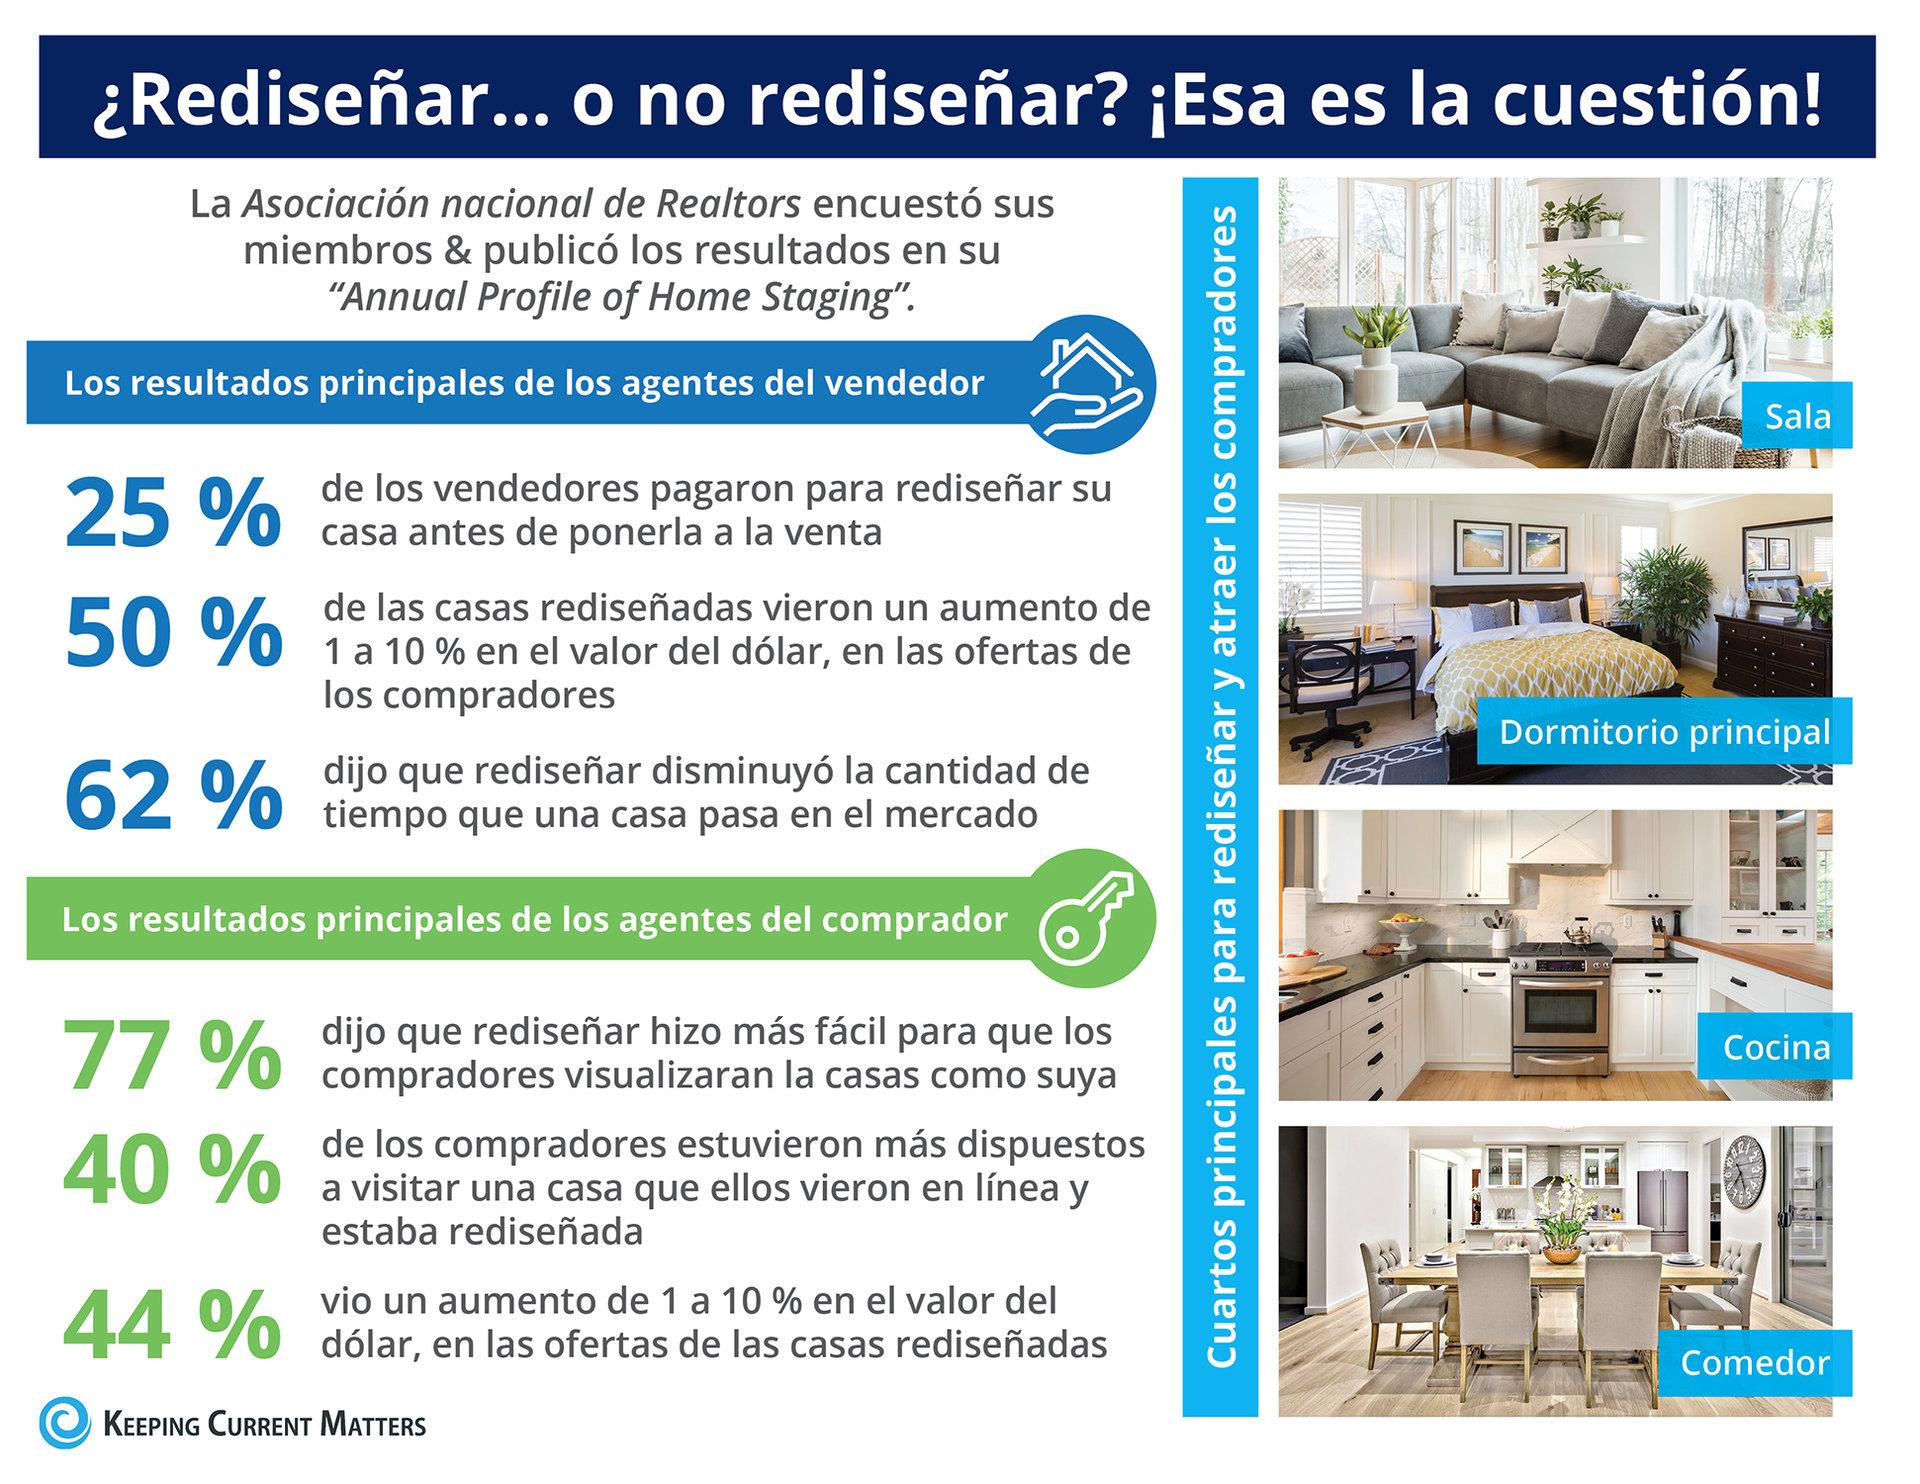 Qué impacto tiene rediseñar su casa en su precio de venta [Infografía] | Keeping Current Matters